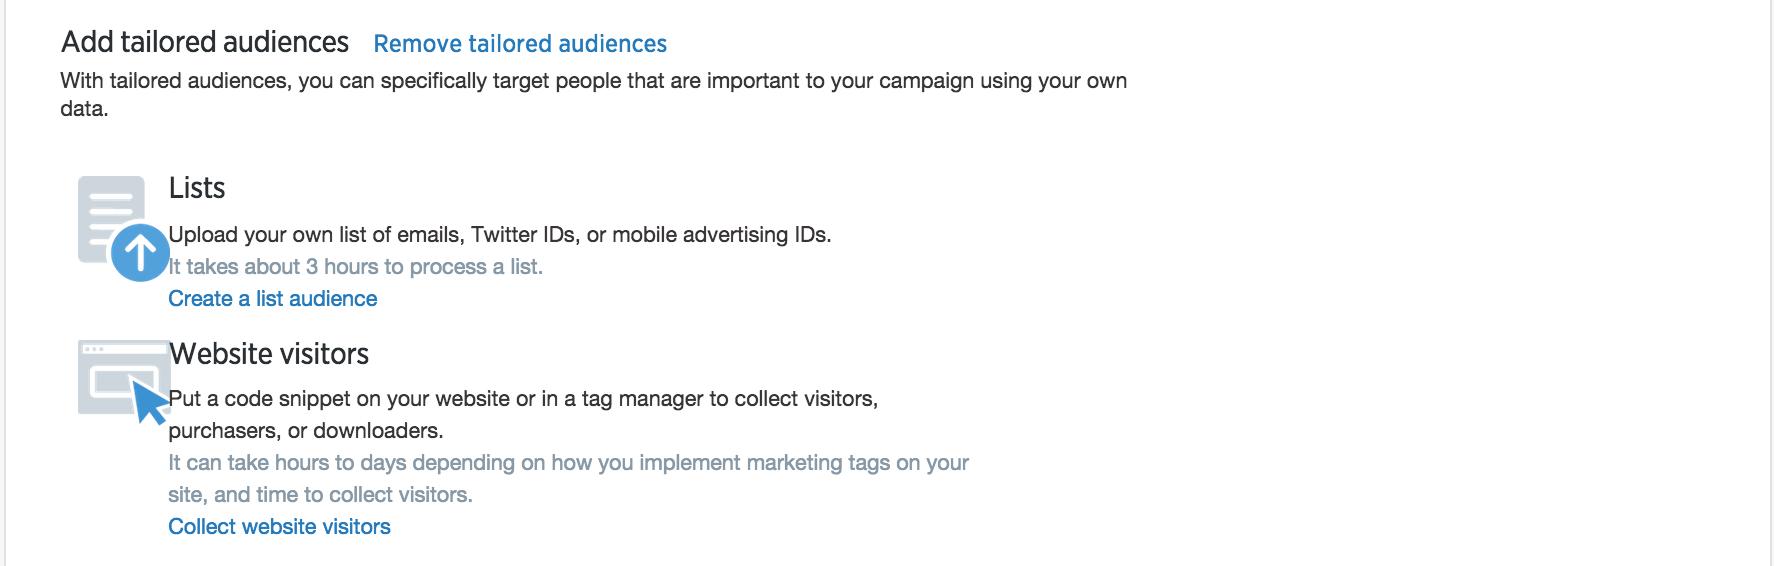 twitter-ads-webinar-signups